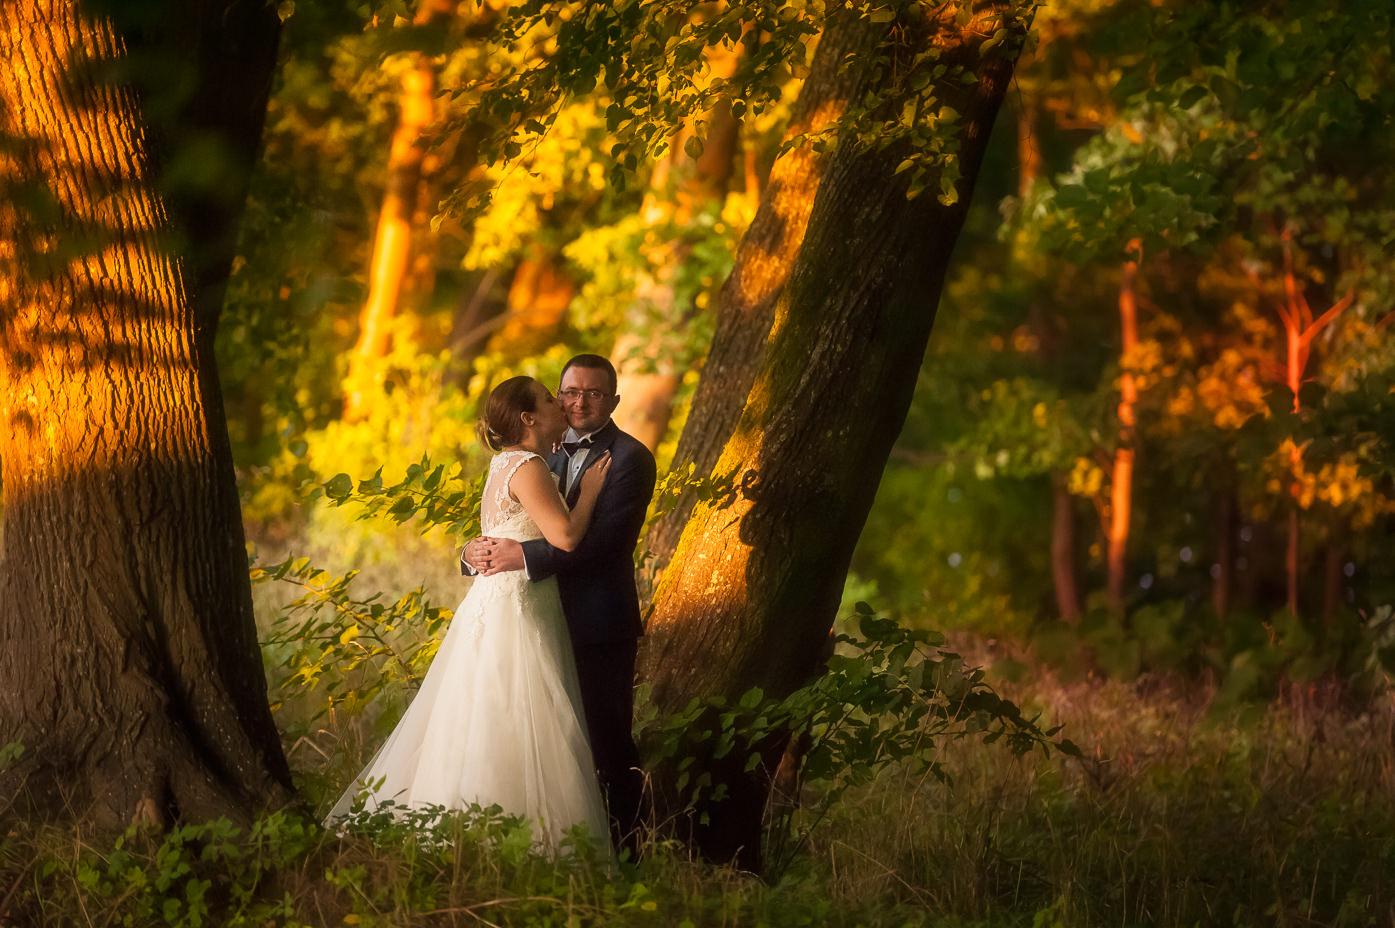 romantyczna sesja ślubna w lesie fotograf-weselny-Pruszcz-Gdański-fotografia-ślubna-Pruszcz-Gdański-sesja-ślubna-Pruszcz-Gdański-